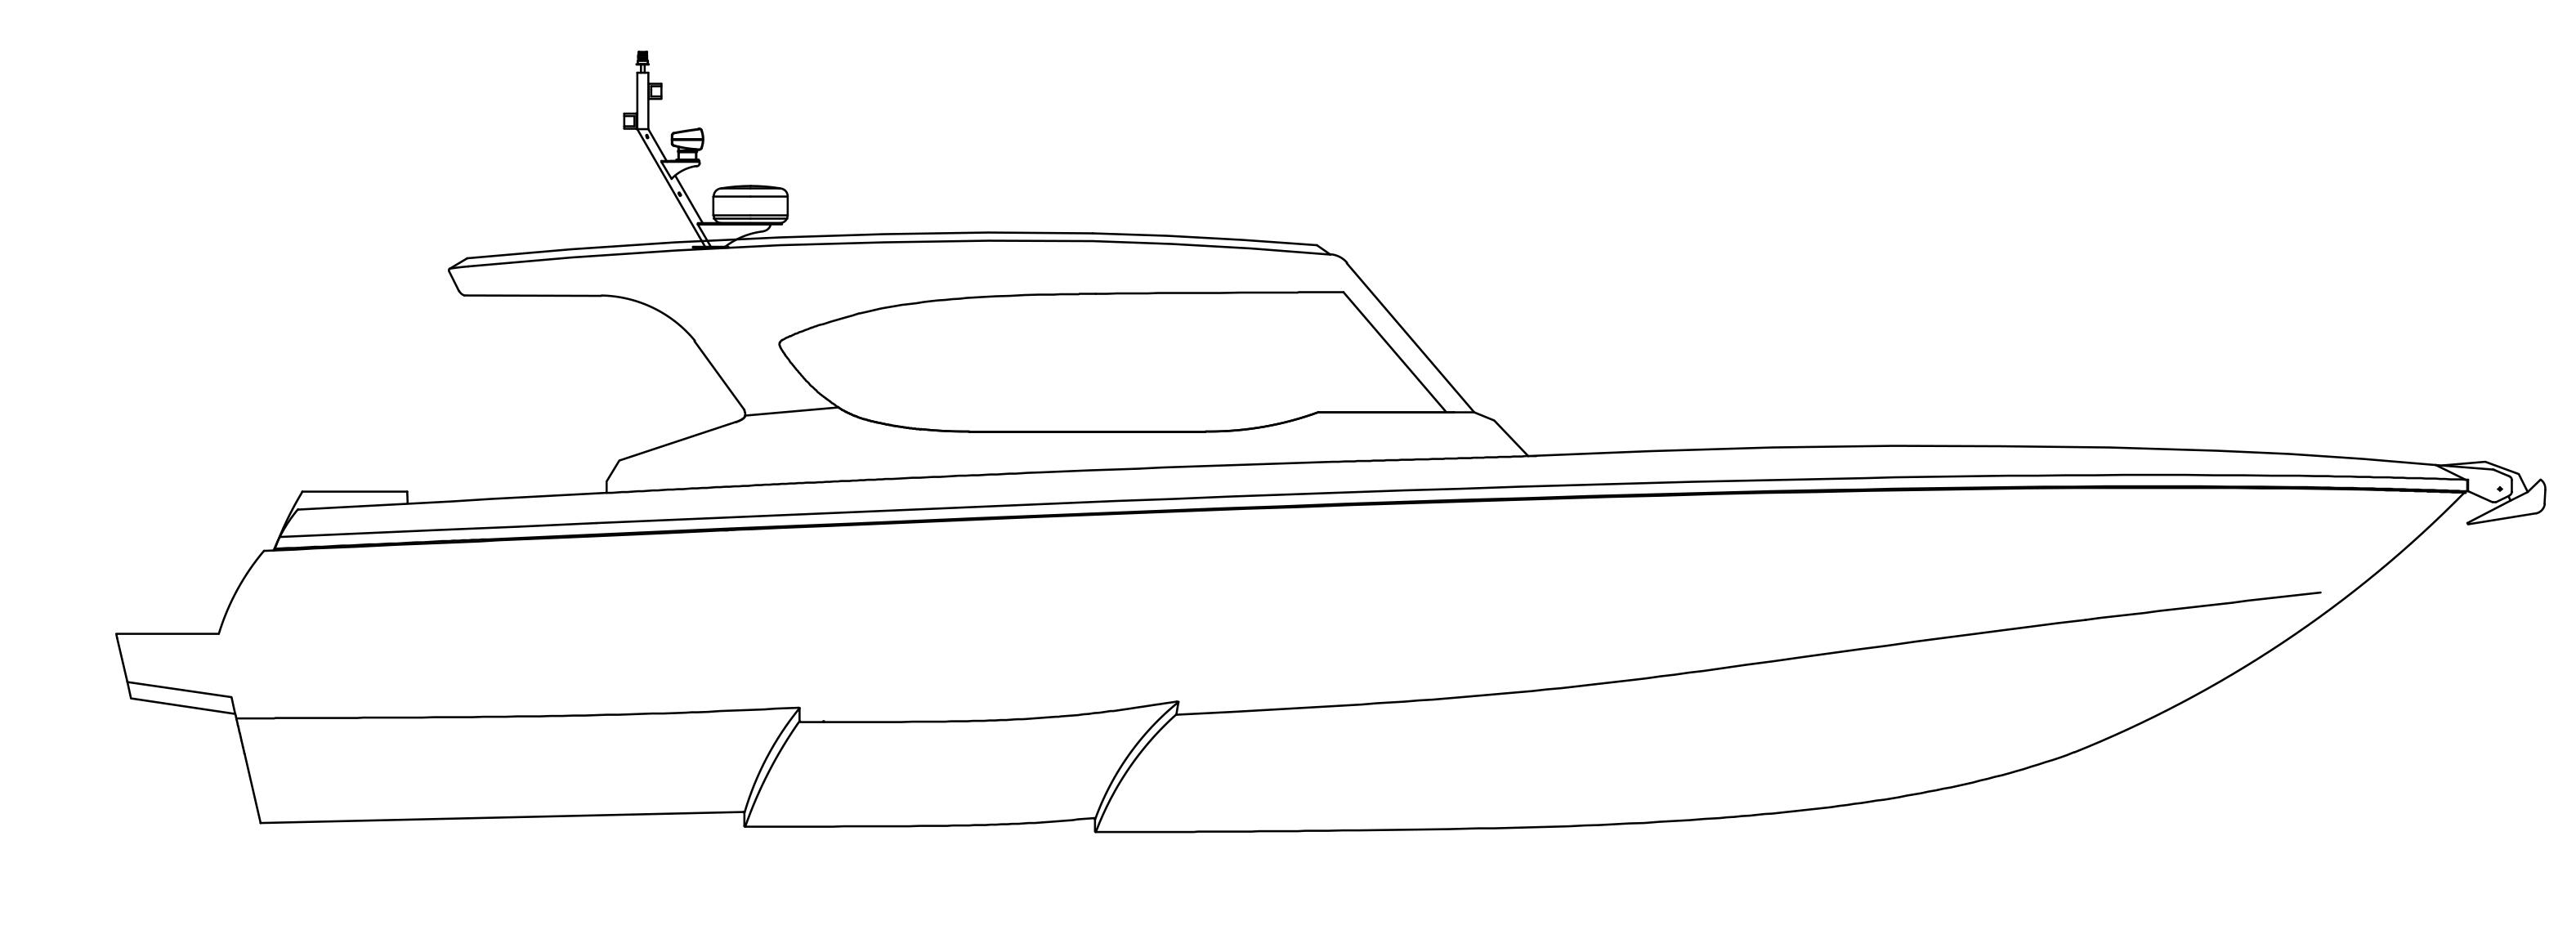 Silvercraft 48